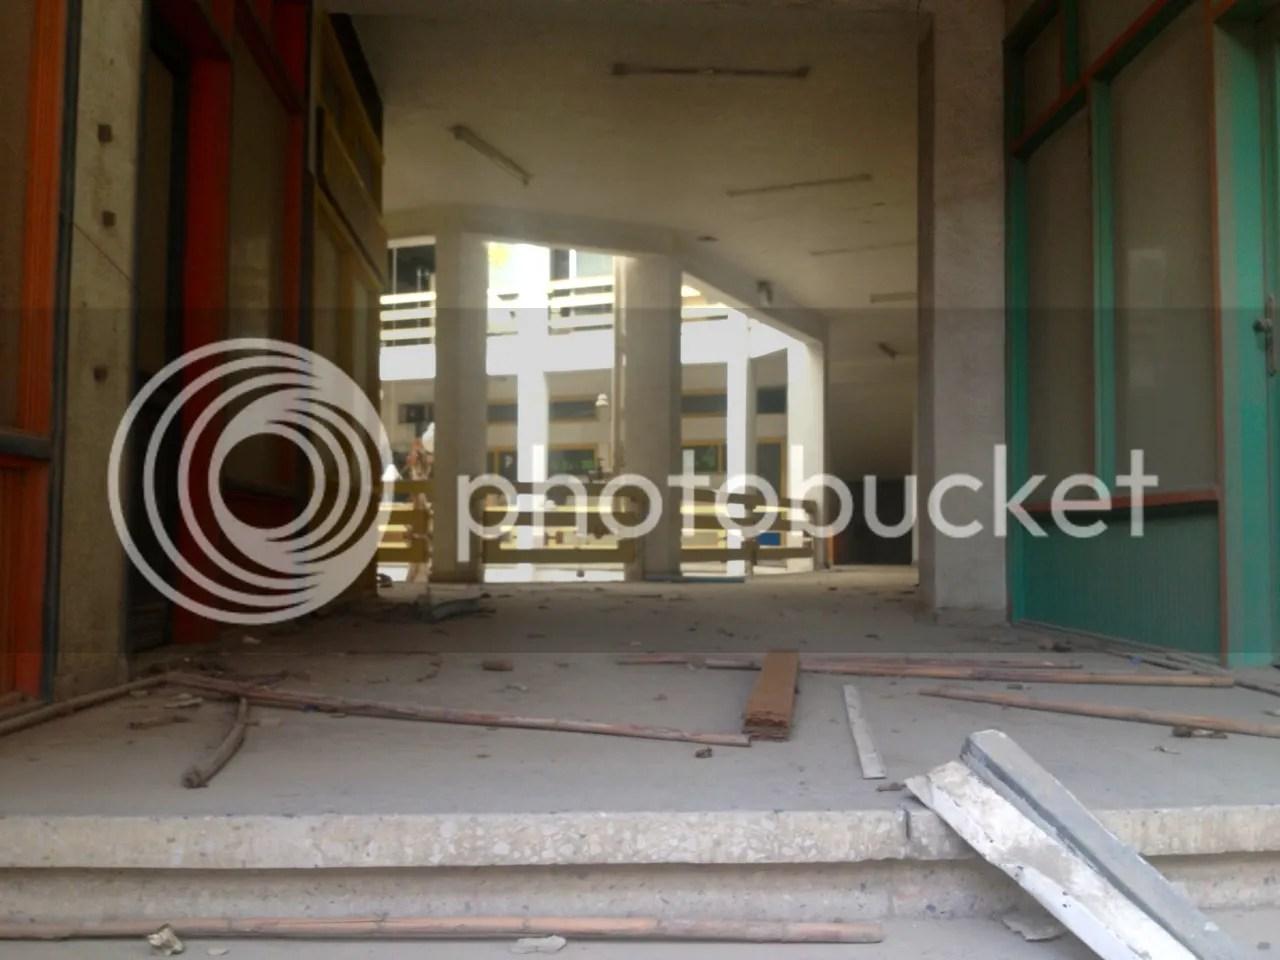 https://i2.wp.com/i181.photobucket.com/albums/x35/jwhite9185/Larnaca/file-135.jpg